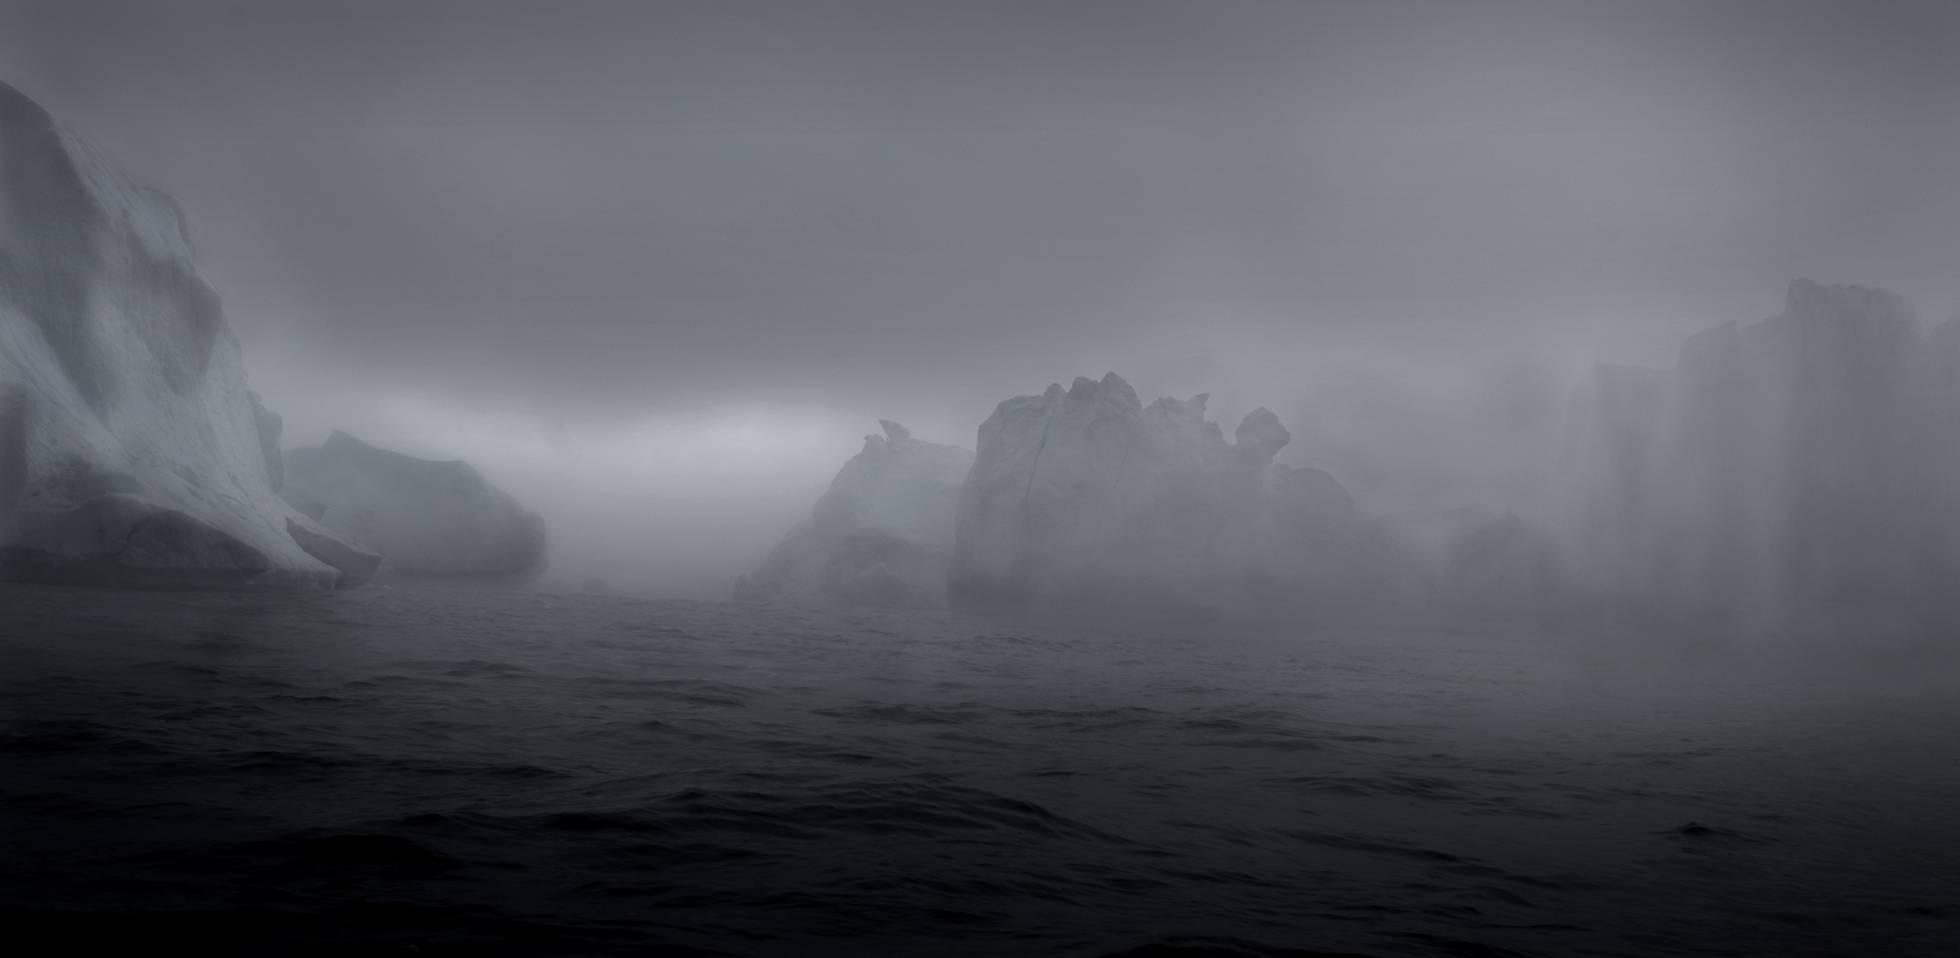 Viagem ao Círculo Ártico: Retrato em cor branca de uma tragédia selvagem